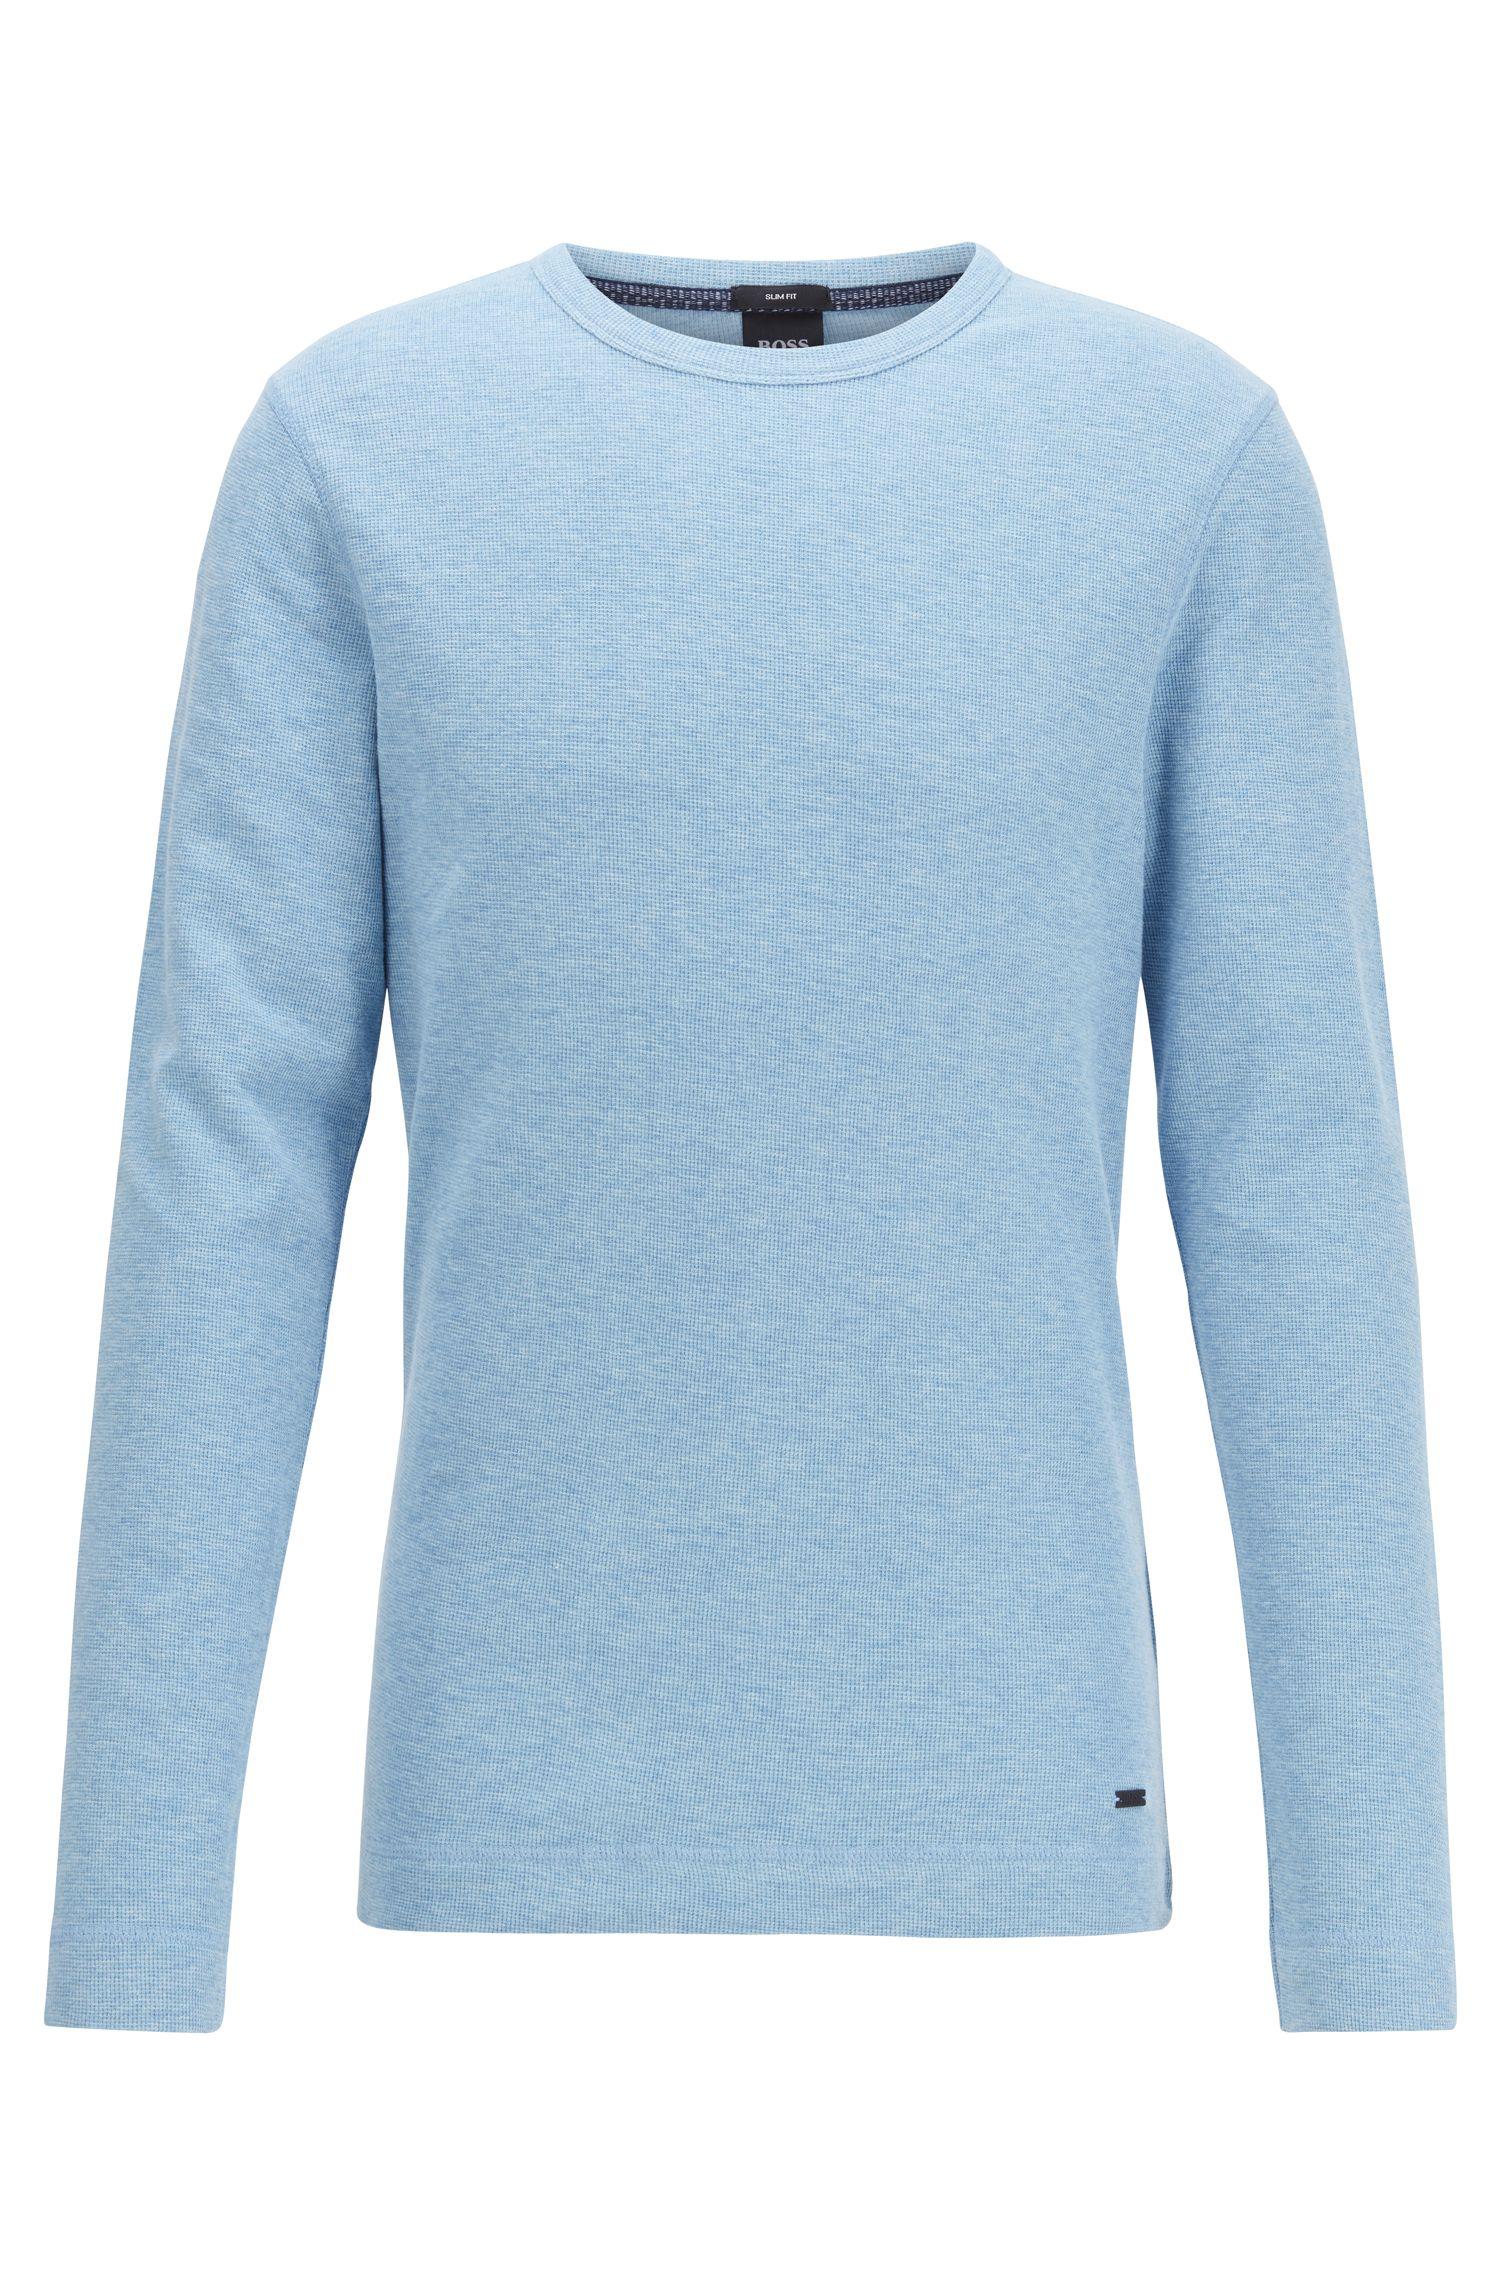 Slim-fit T-shirt met lange mouwen, van katoen met wafelstructuur, Lichtblauw